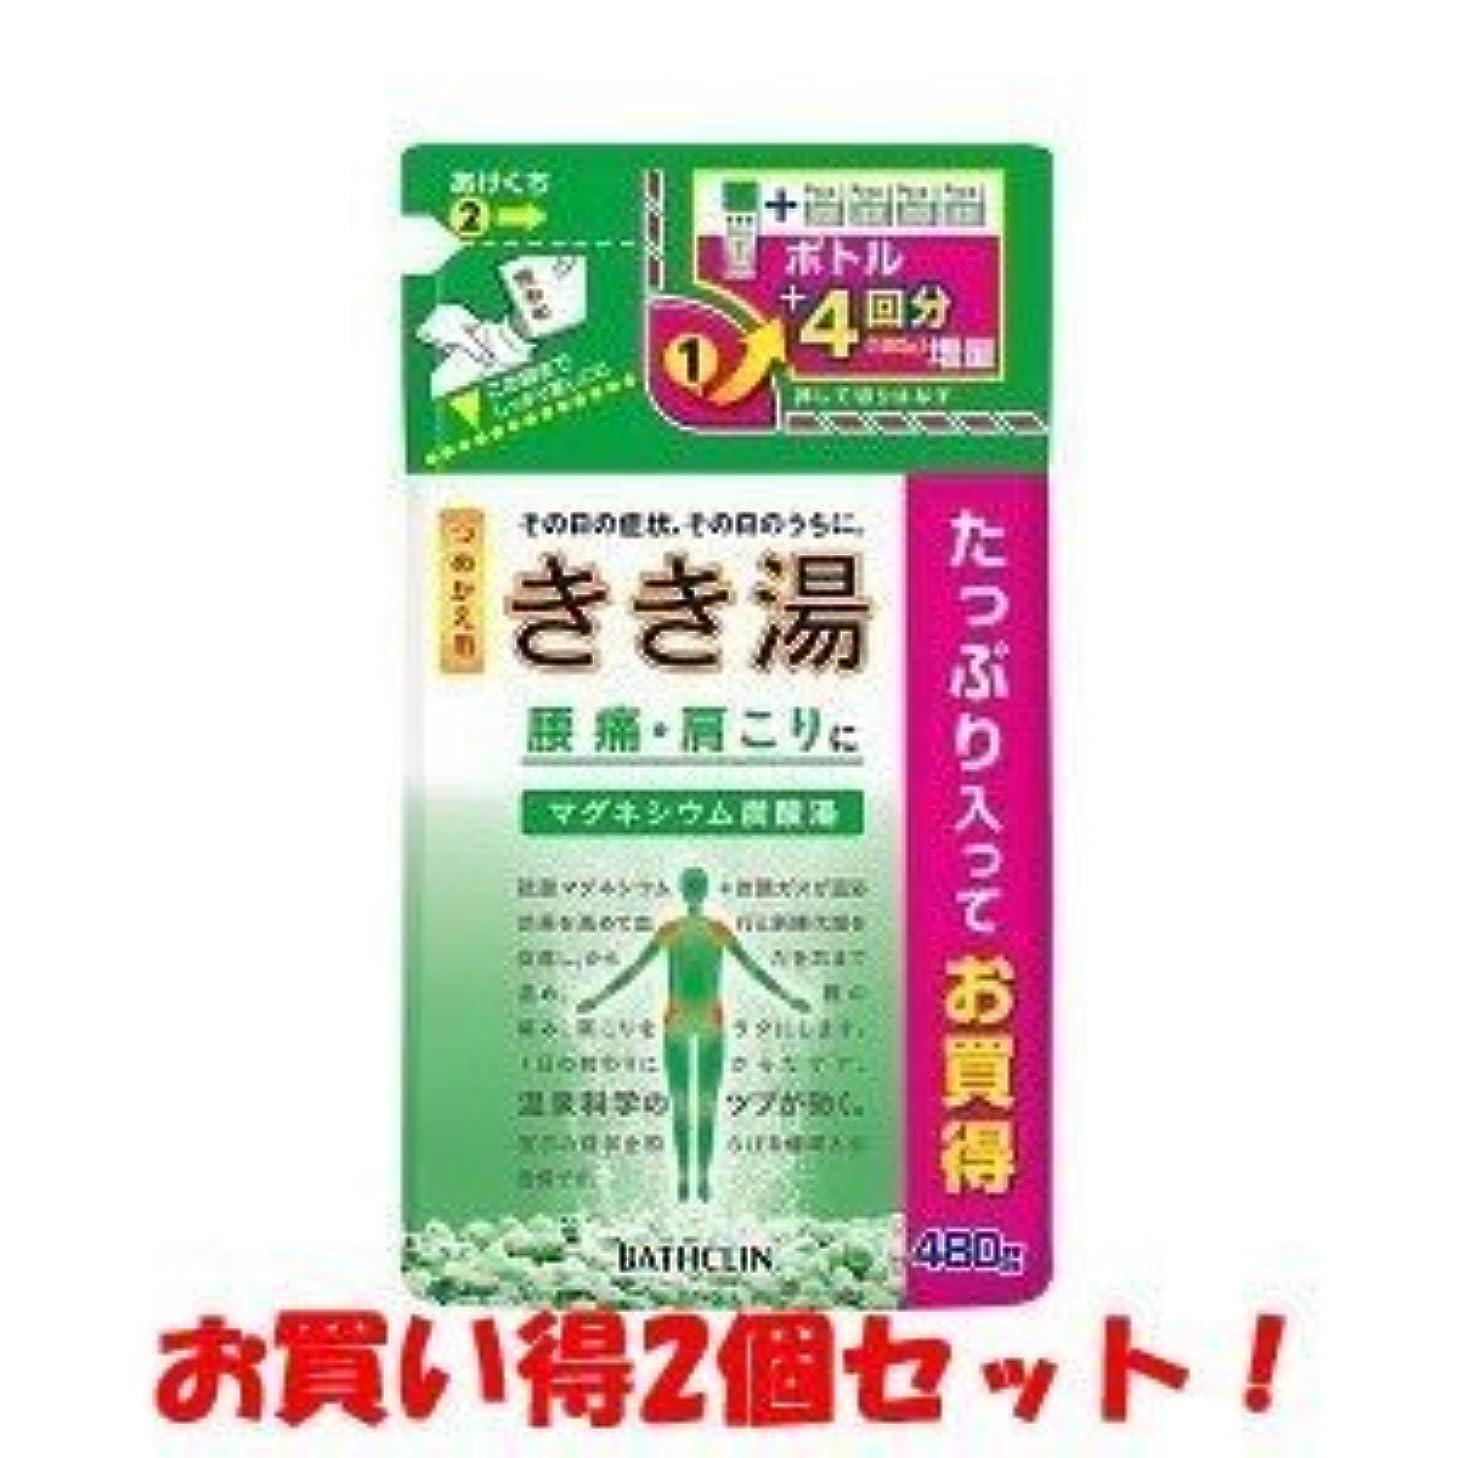 残高み洞察力のある(バスクリン)きき湯 マグネシウム炭酸湯 つめかえ用 480g(医薬部外品)(お買い得2個セット)